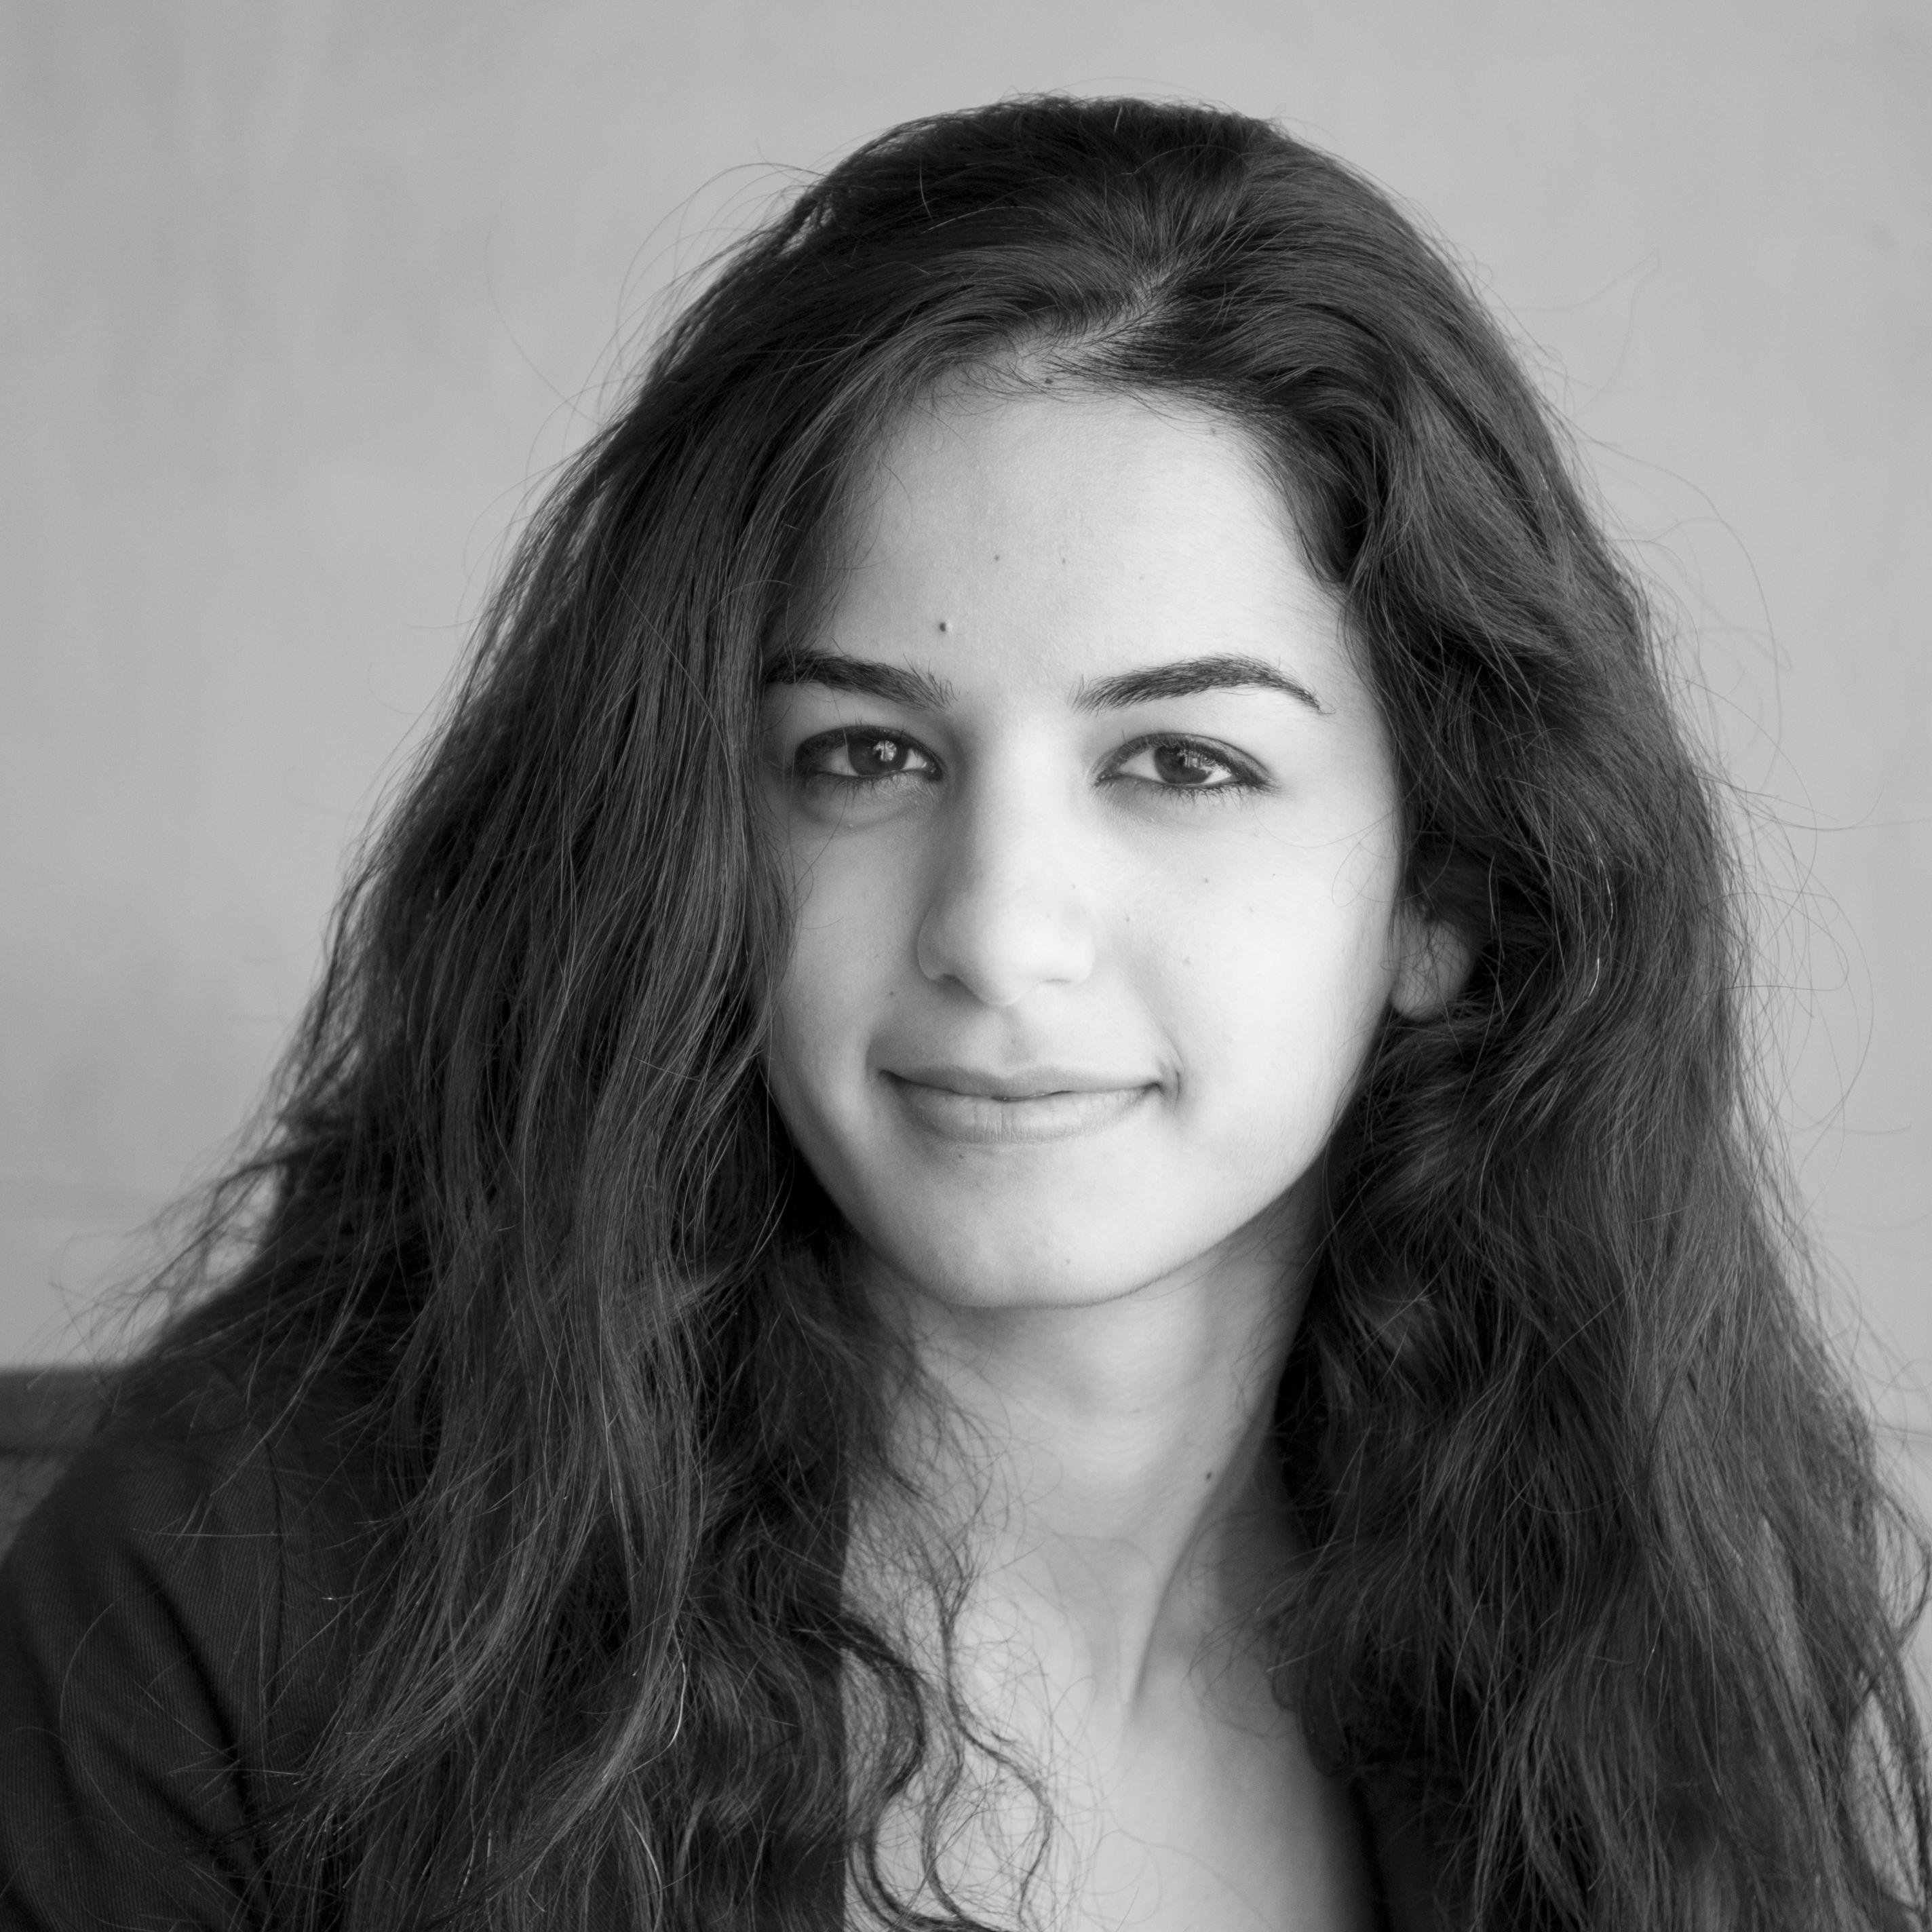 Elise Shebaya